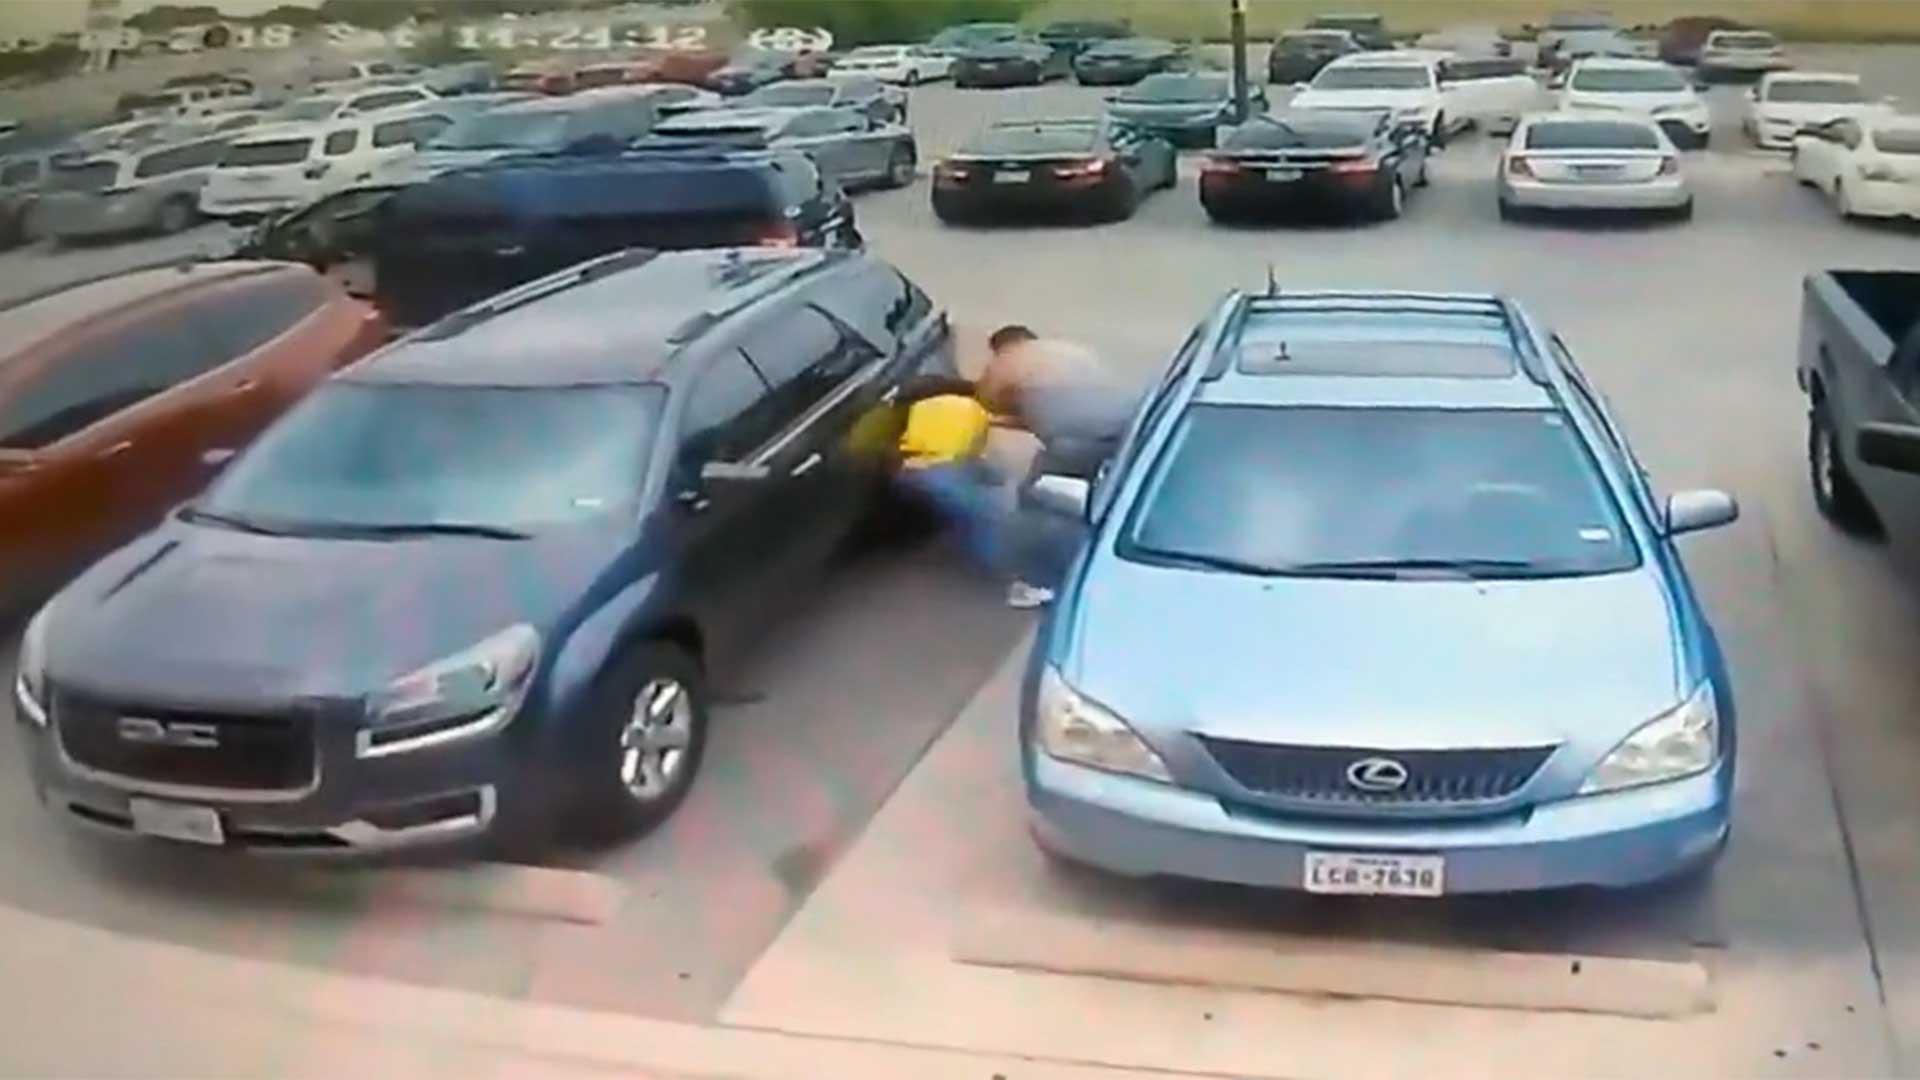 El hombre reaccionó propinándole una brutal golpiza